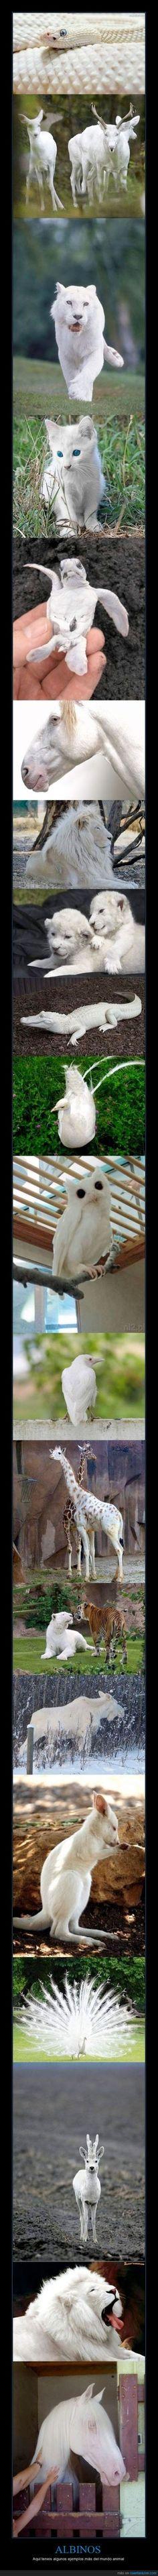 ALBINOS - Aquí teneis algunos ejemplos más del mundo animal